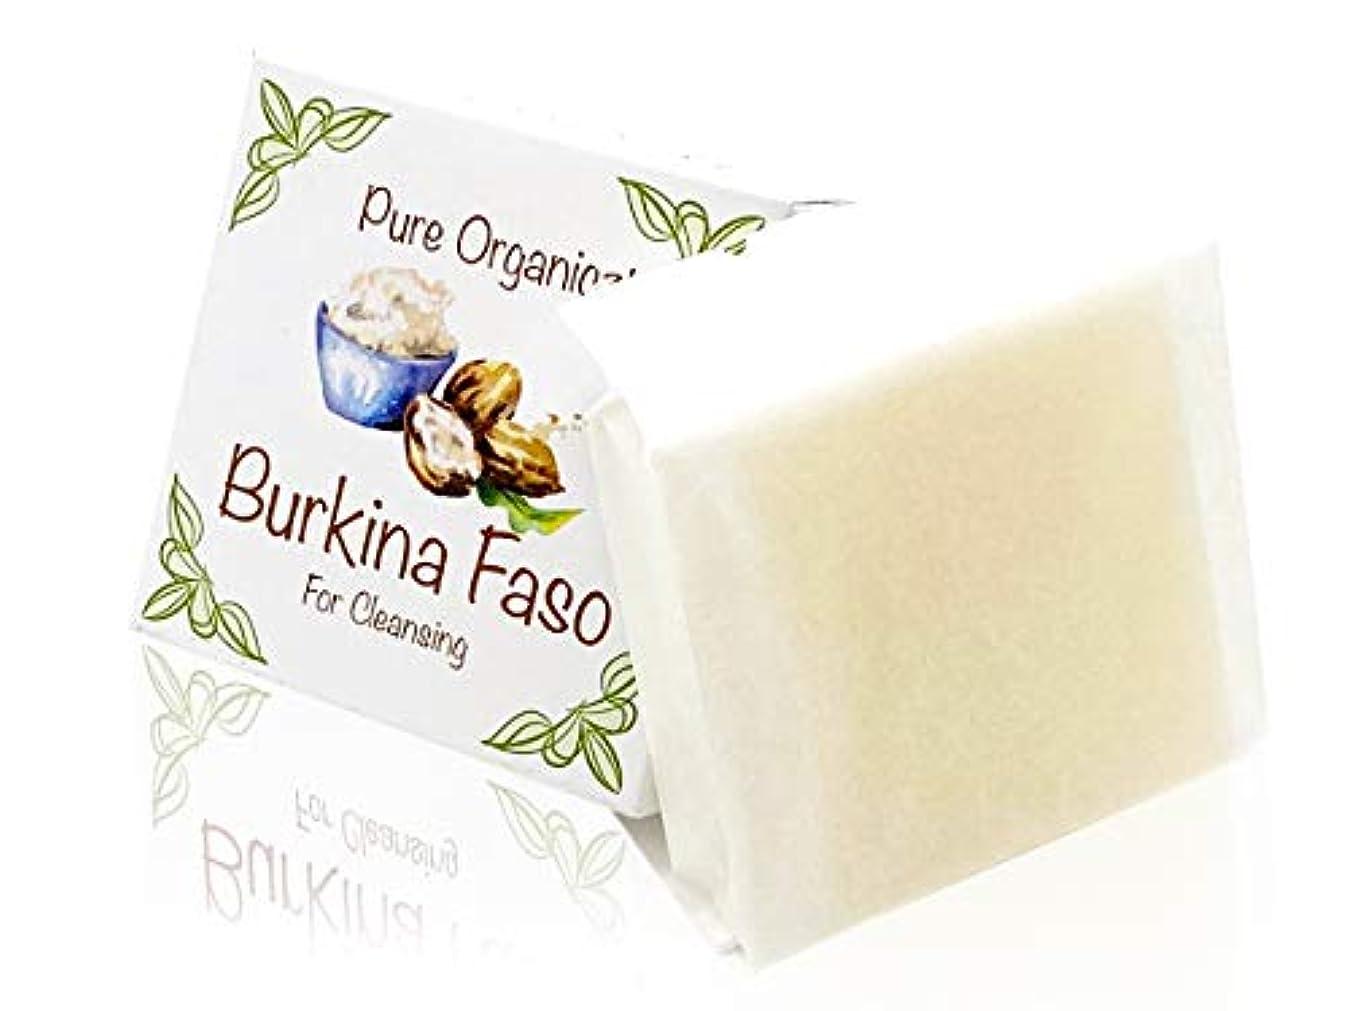 冷える誤って主張シアバター 洗顔用石鹸 Burkina Faso Pure Organiczt 『無添加?毛穴?美白?保湿』